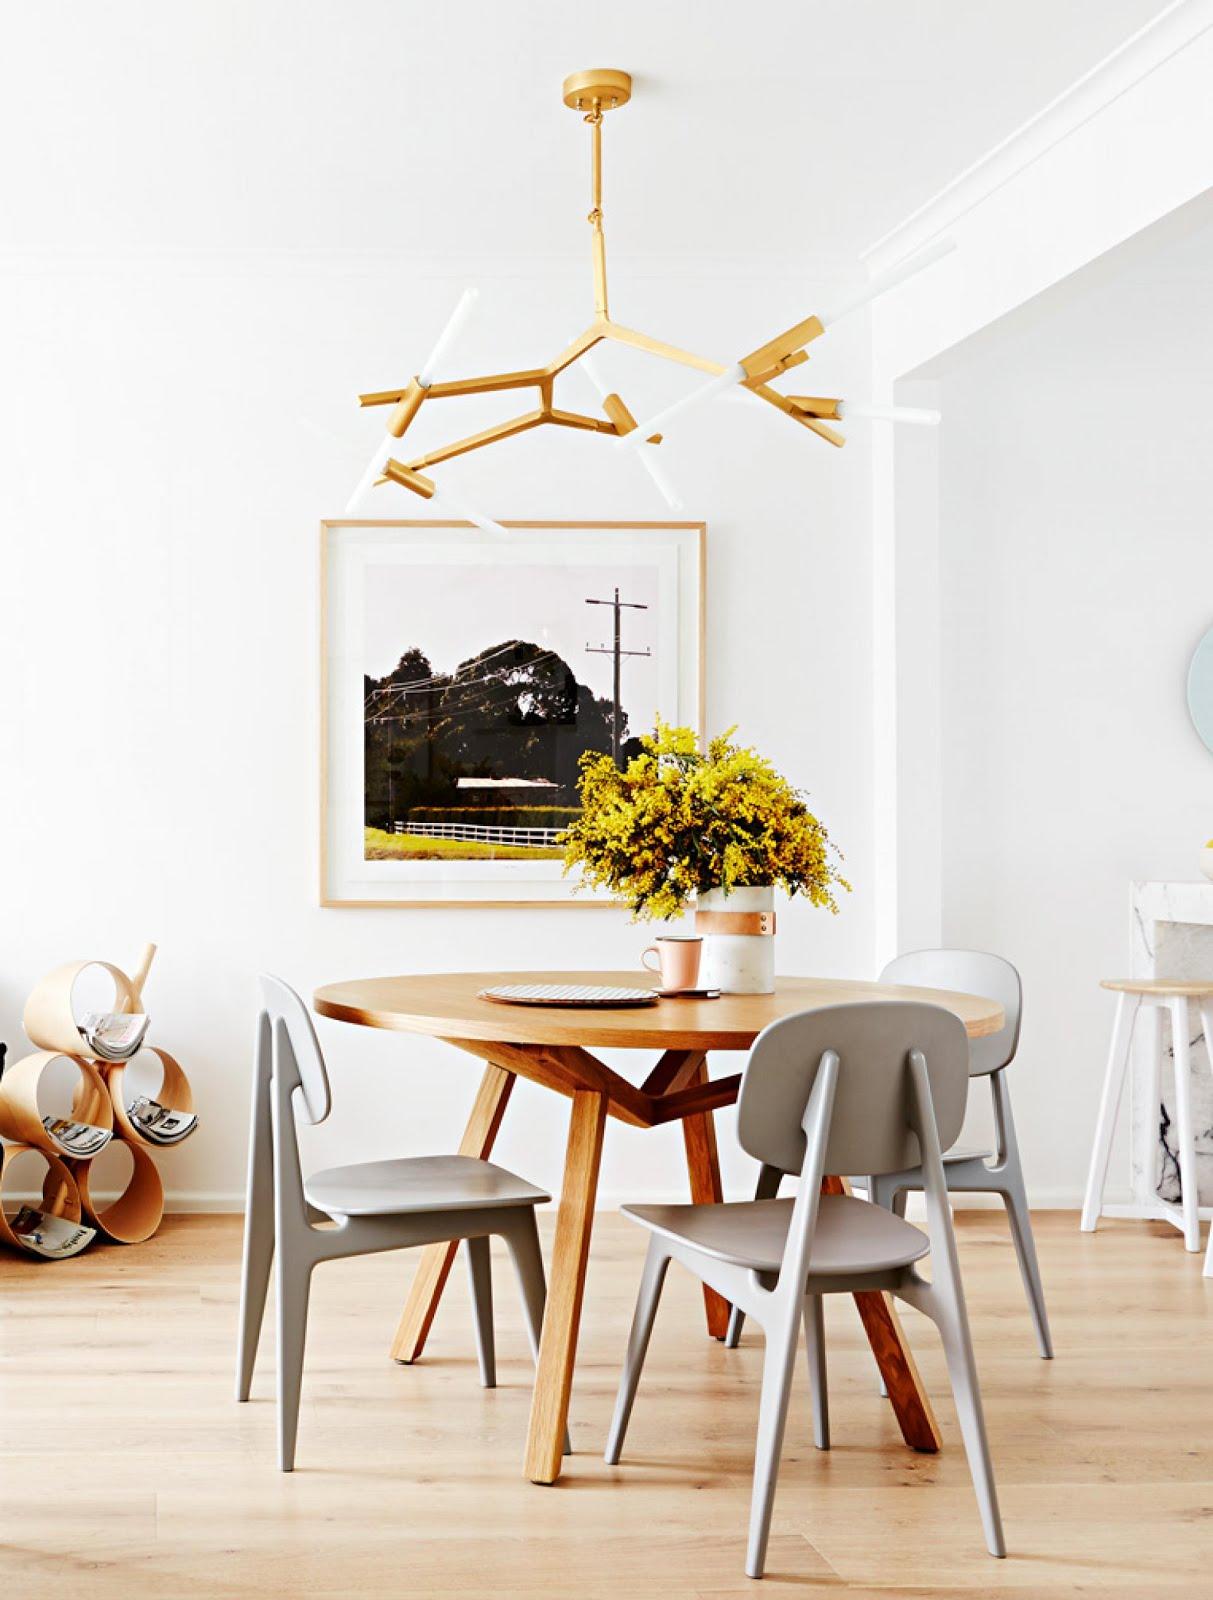 [source] & La Maison Jolie: Renovation Revival - 5 Ways to Modernise Your Home